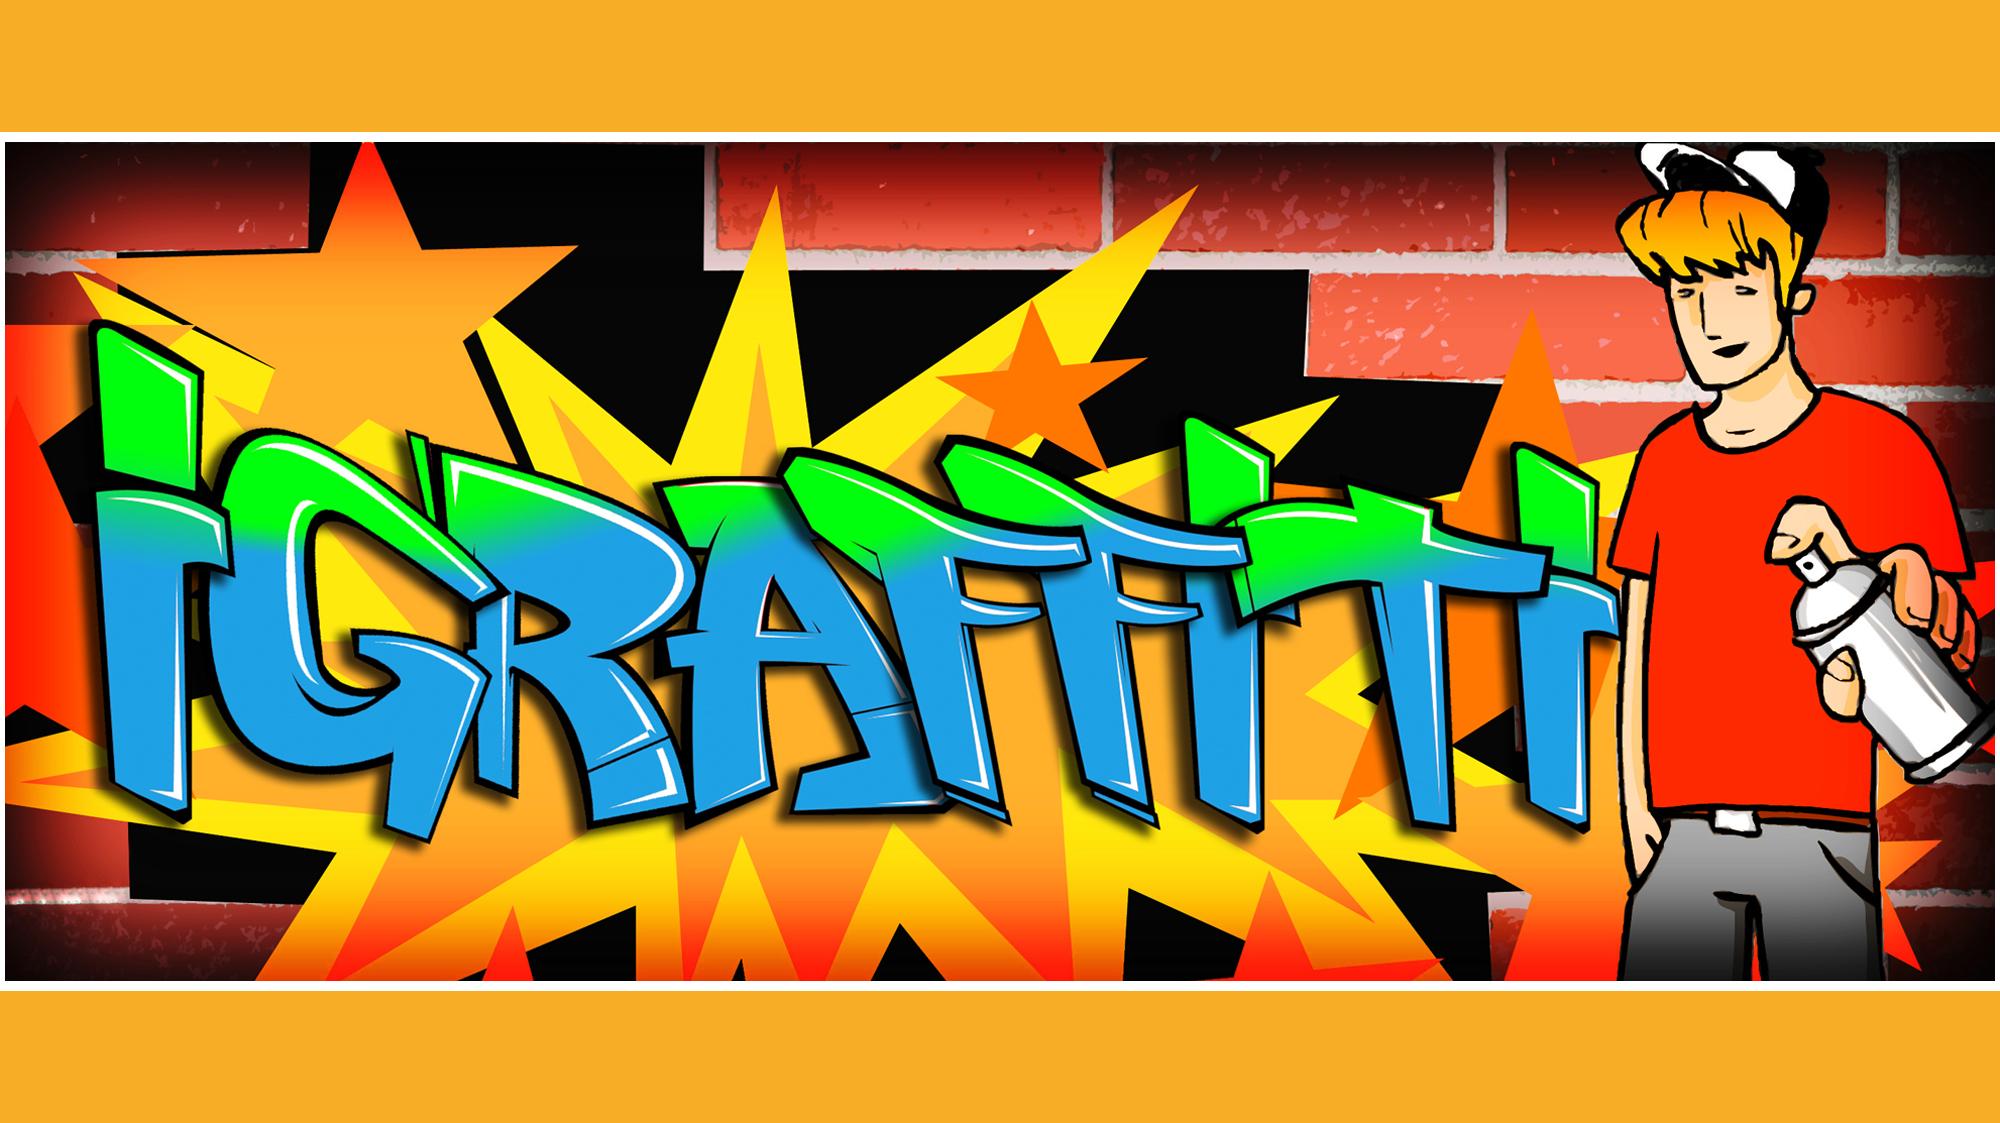 Interactive graffiti wall uk - Interactive Graffiti Wall Uk 41